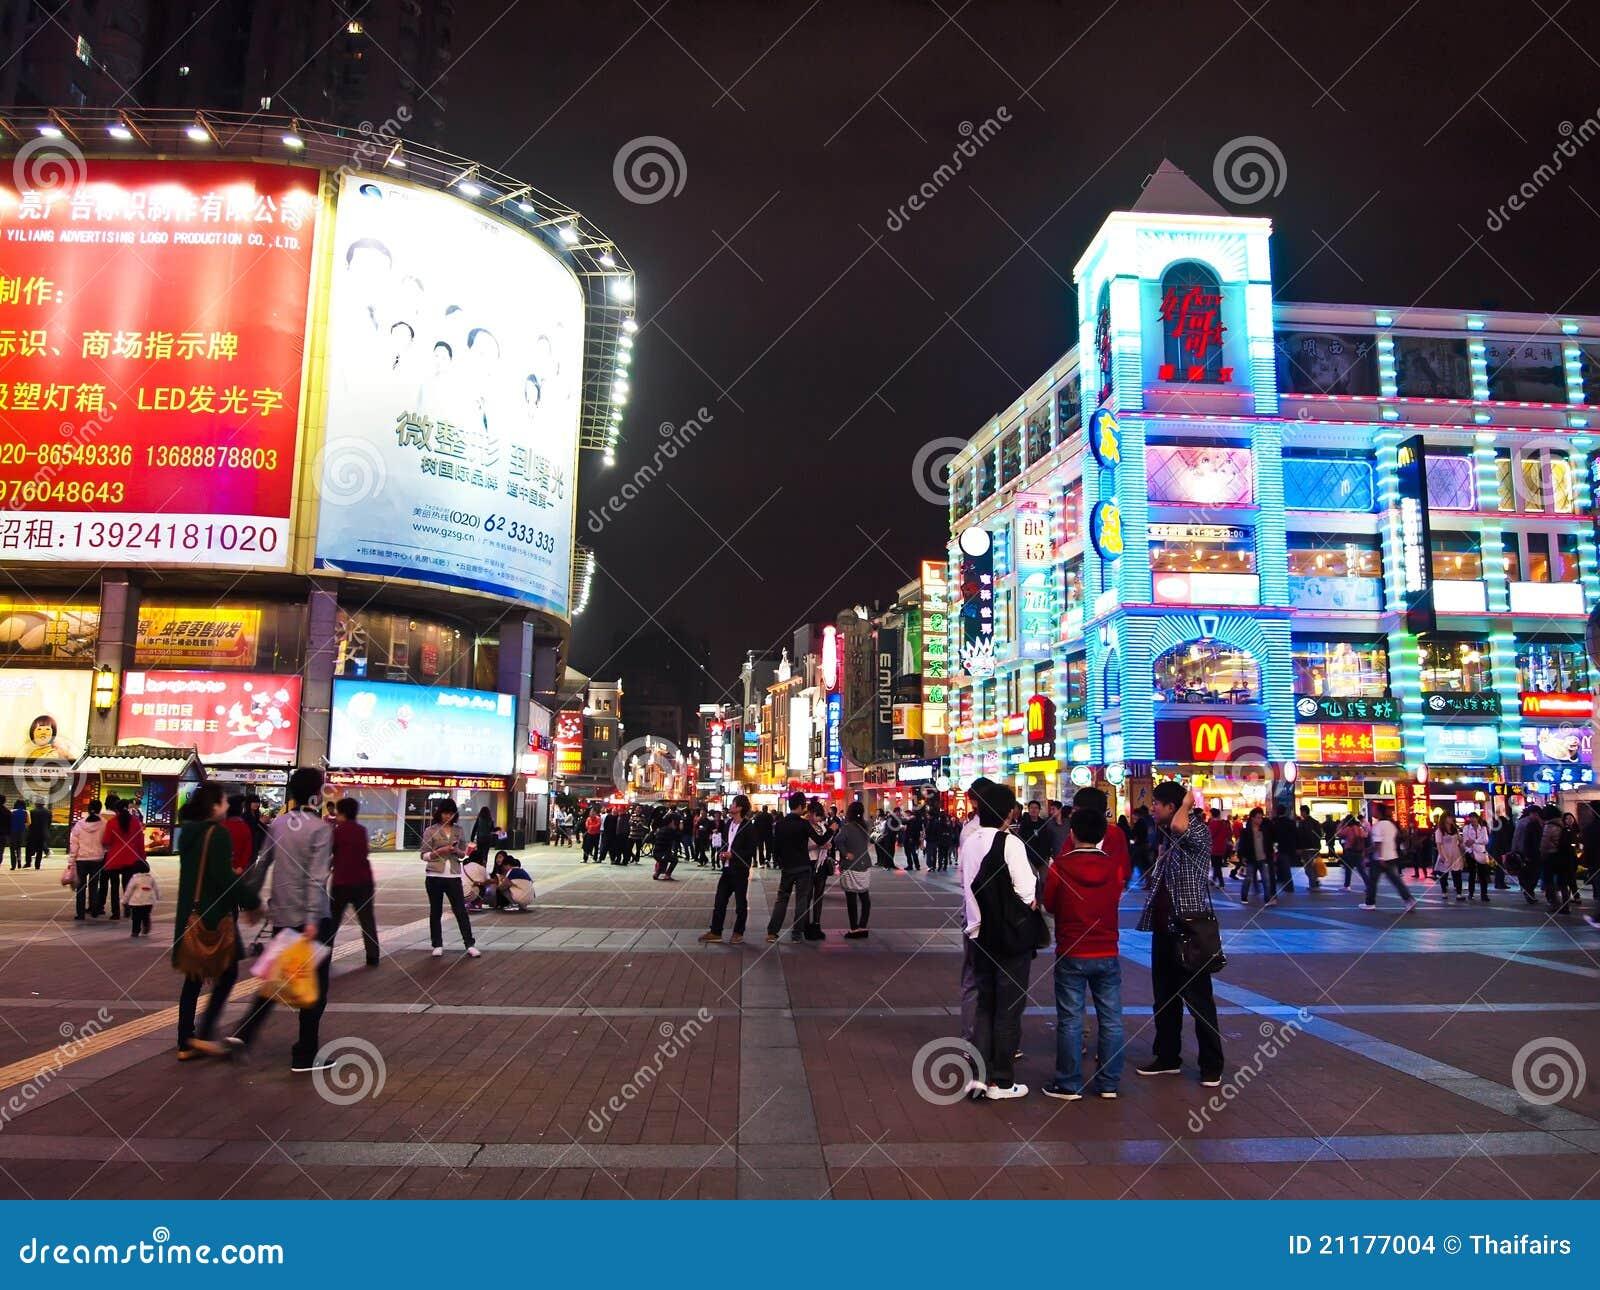 Shang Xia Jiu Shopping Street in Guangzhou